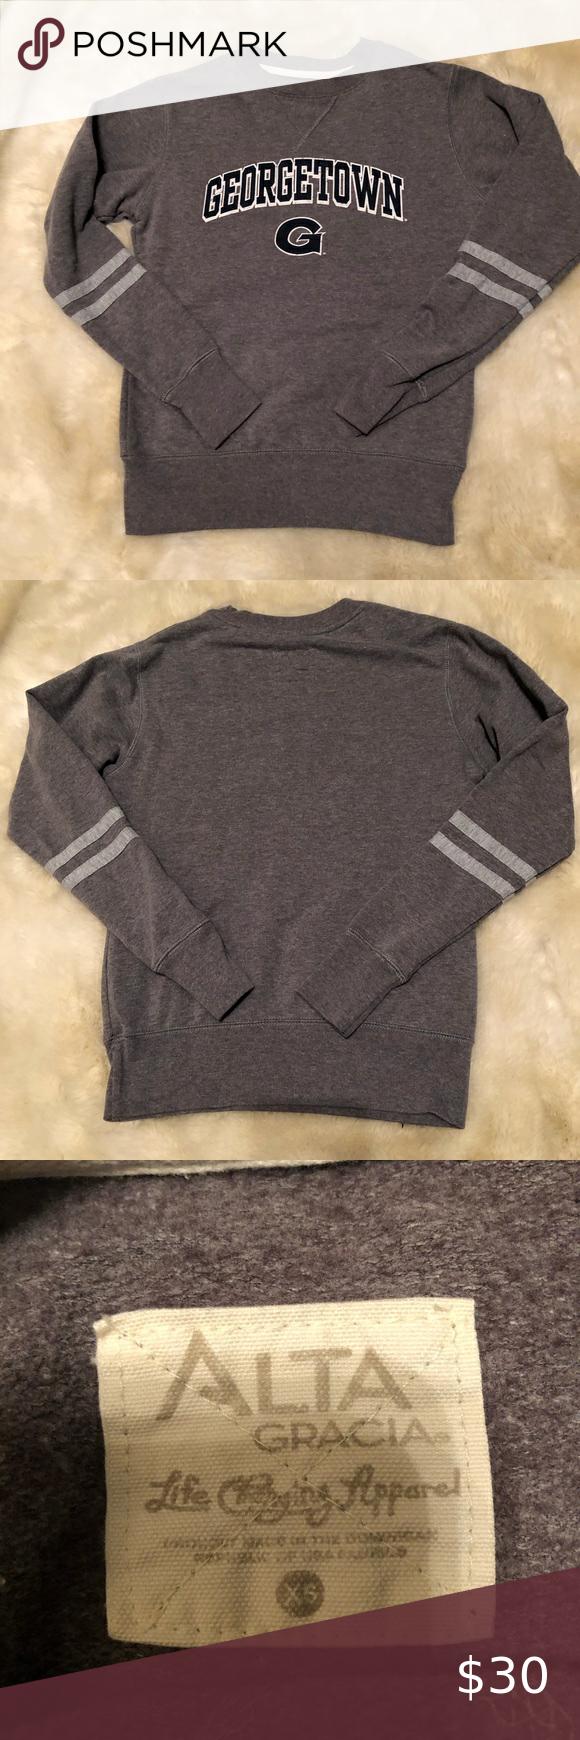 Georgetown Classic Crew Sweatshirt Crew Sweatshirts Sweatshirts Sweatshirt Tops [ 1740 x 580 Pixel ]